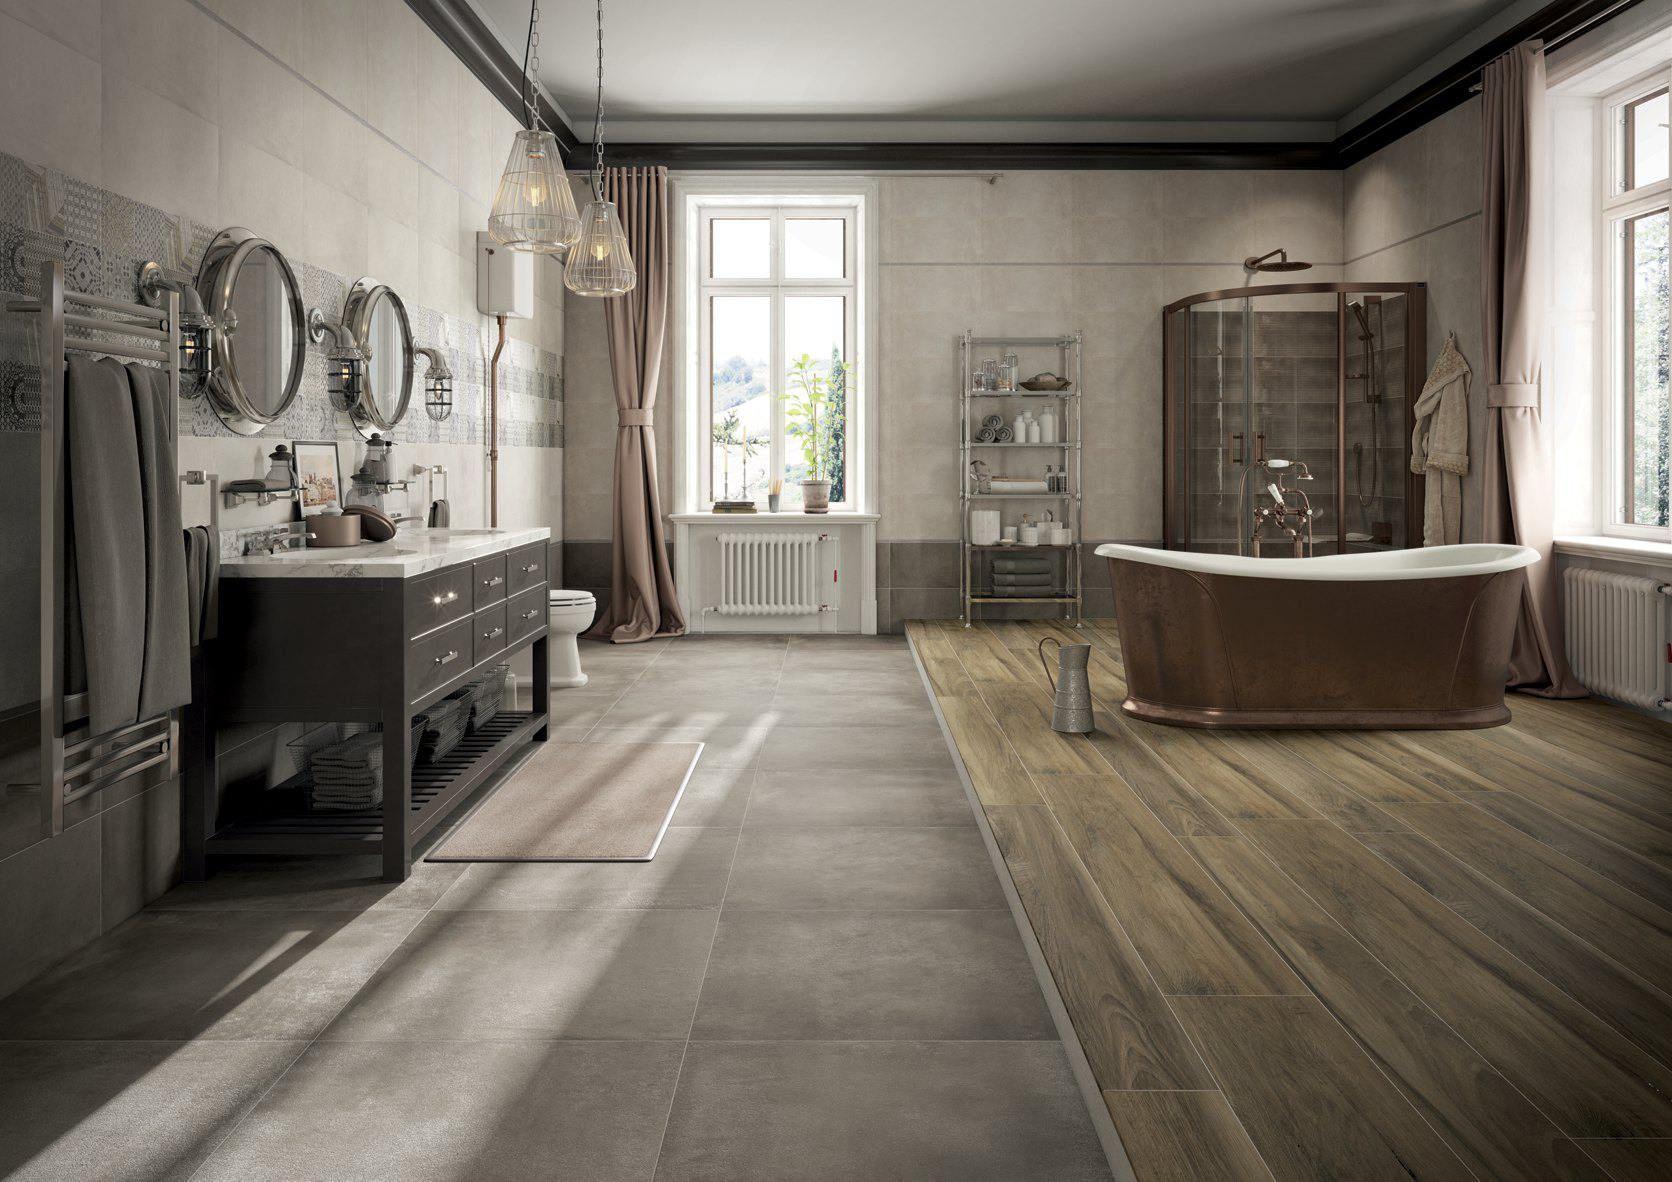 Idea d arredo per un bagno classico e chic dove si intrecciano il